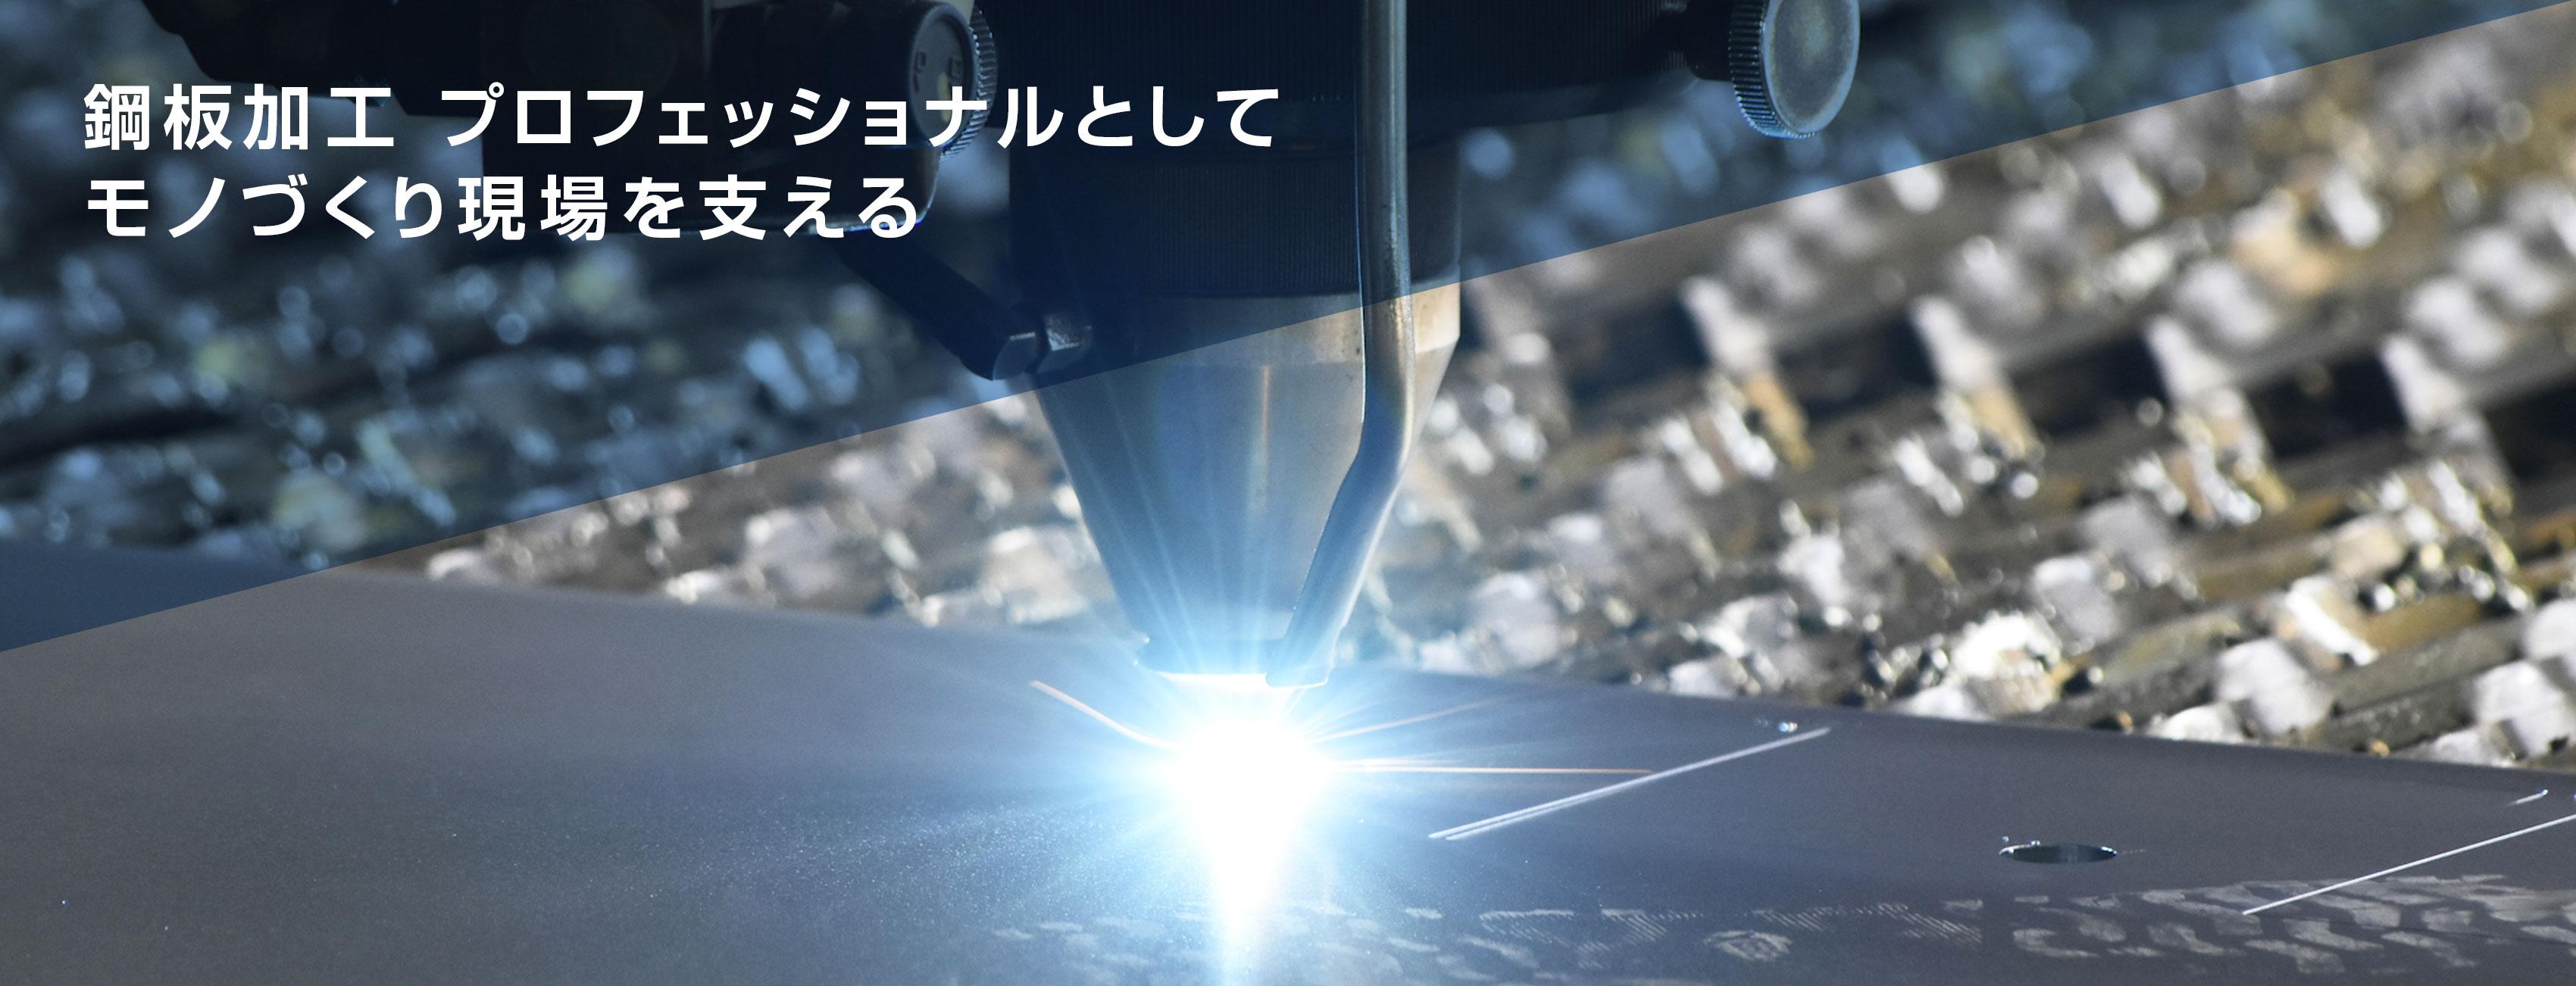 鋼板加工  プロフェッショナルとして モノづくり現場を支える